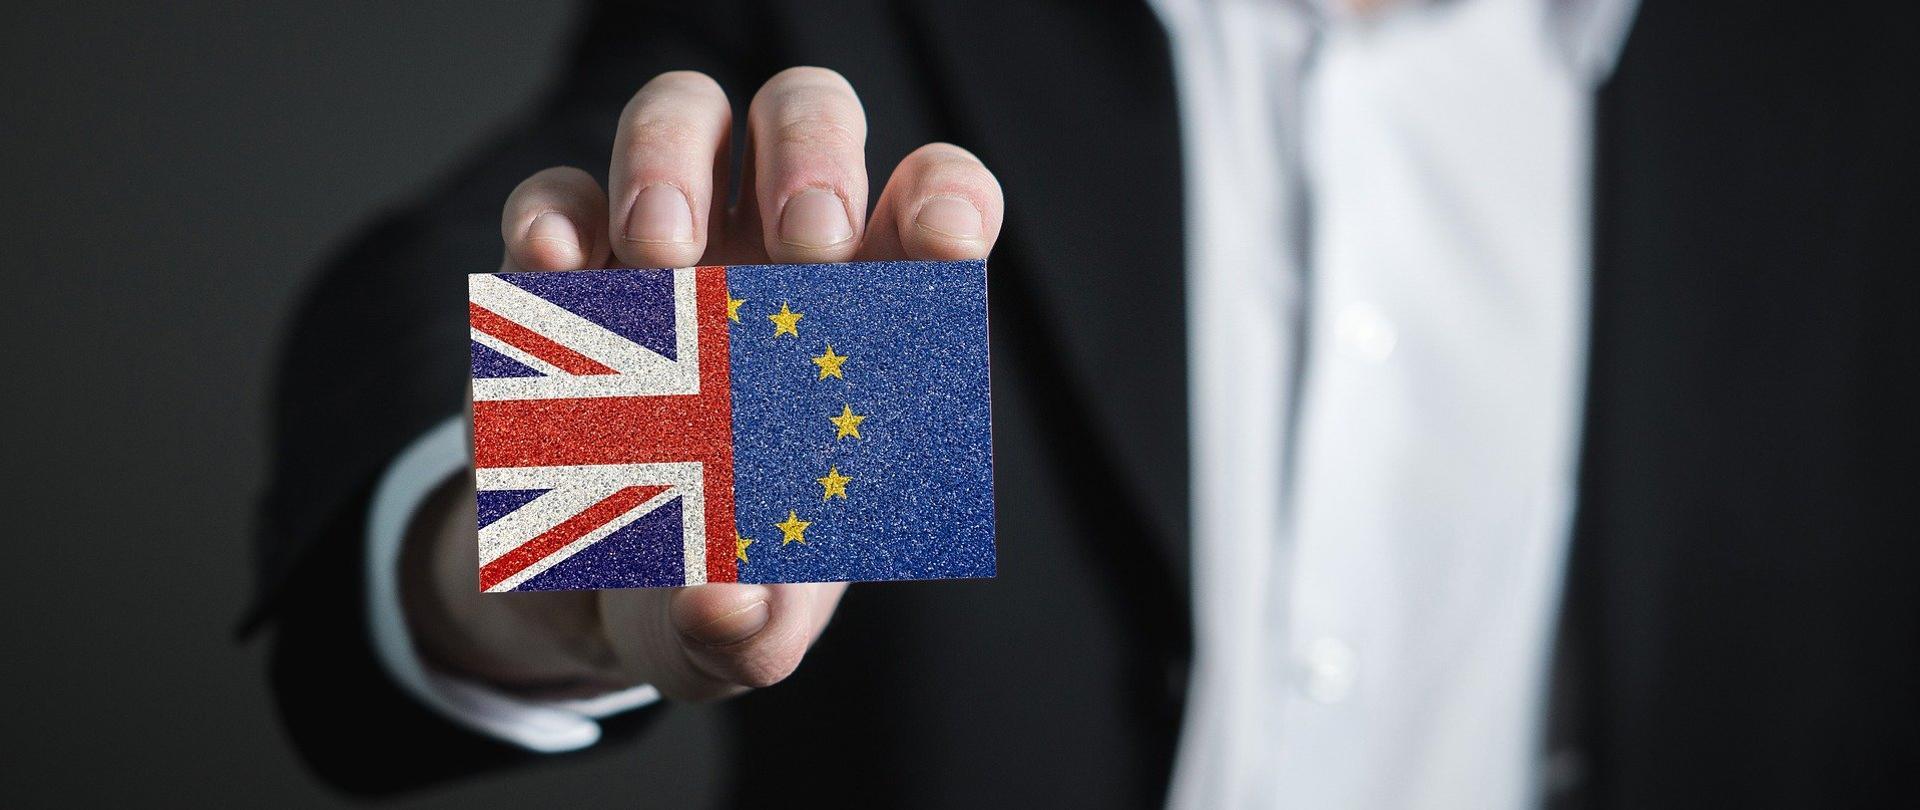 Umowa o handlu i współpracy pomiędzy Unią Europejską a Zjednoczonym Królestwem